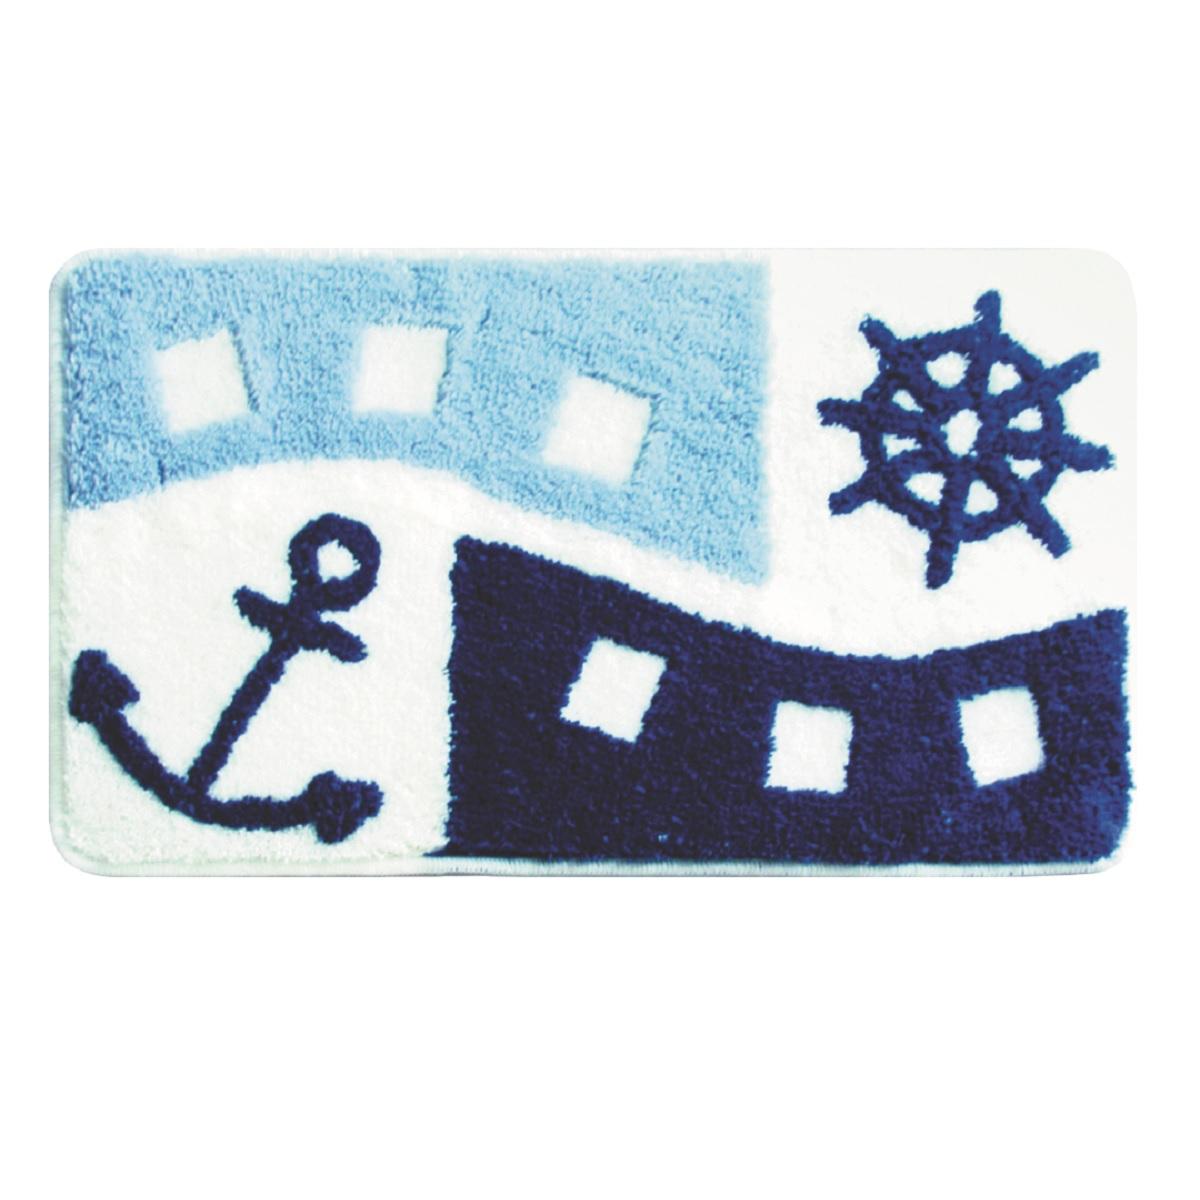 Коврик для ванной Milardo Sea Holiday, цвет: голубой, 40 х 70 см400A470M12100% Акриловый тканный коврик для ванной комнаты на латексной основе. Высота ворса 1.5см. Упаковка ПП пакет